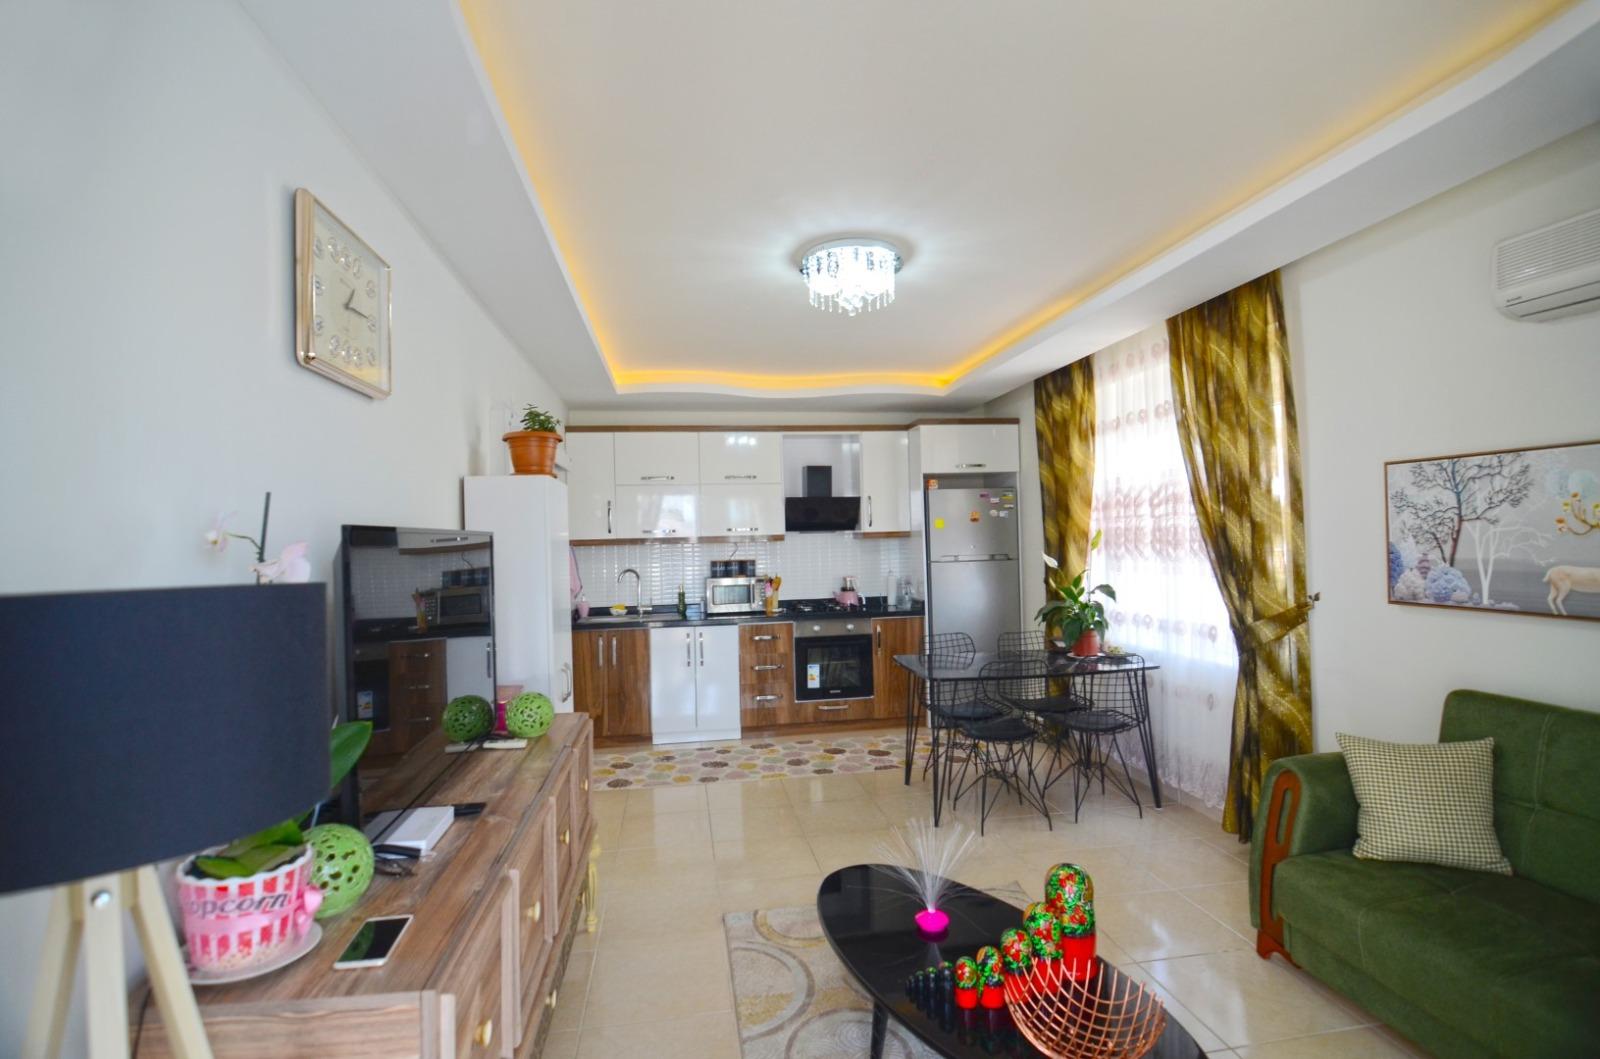 Меблированные апартаменты 1+1 в  Махмутлара - Фото 2